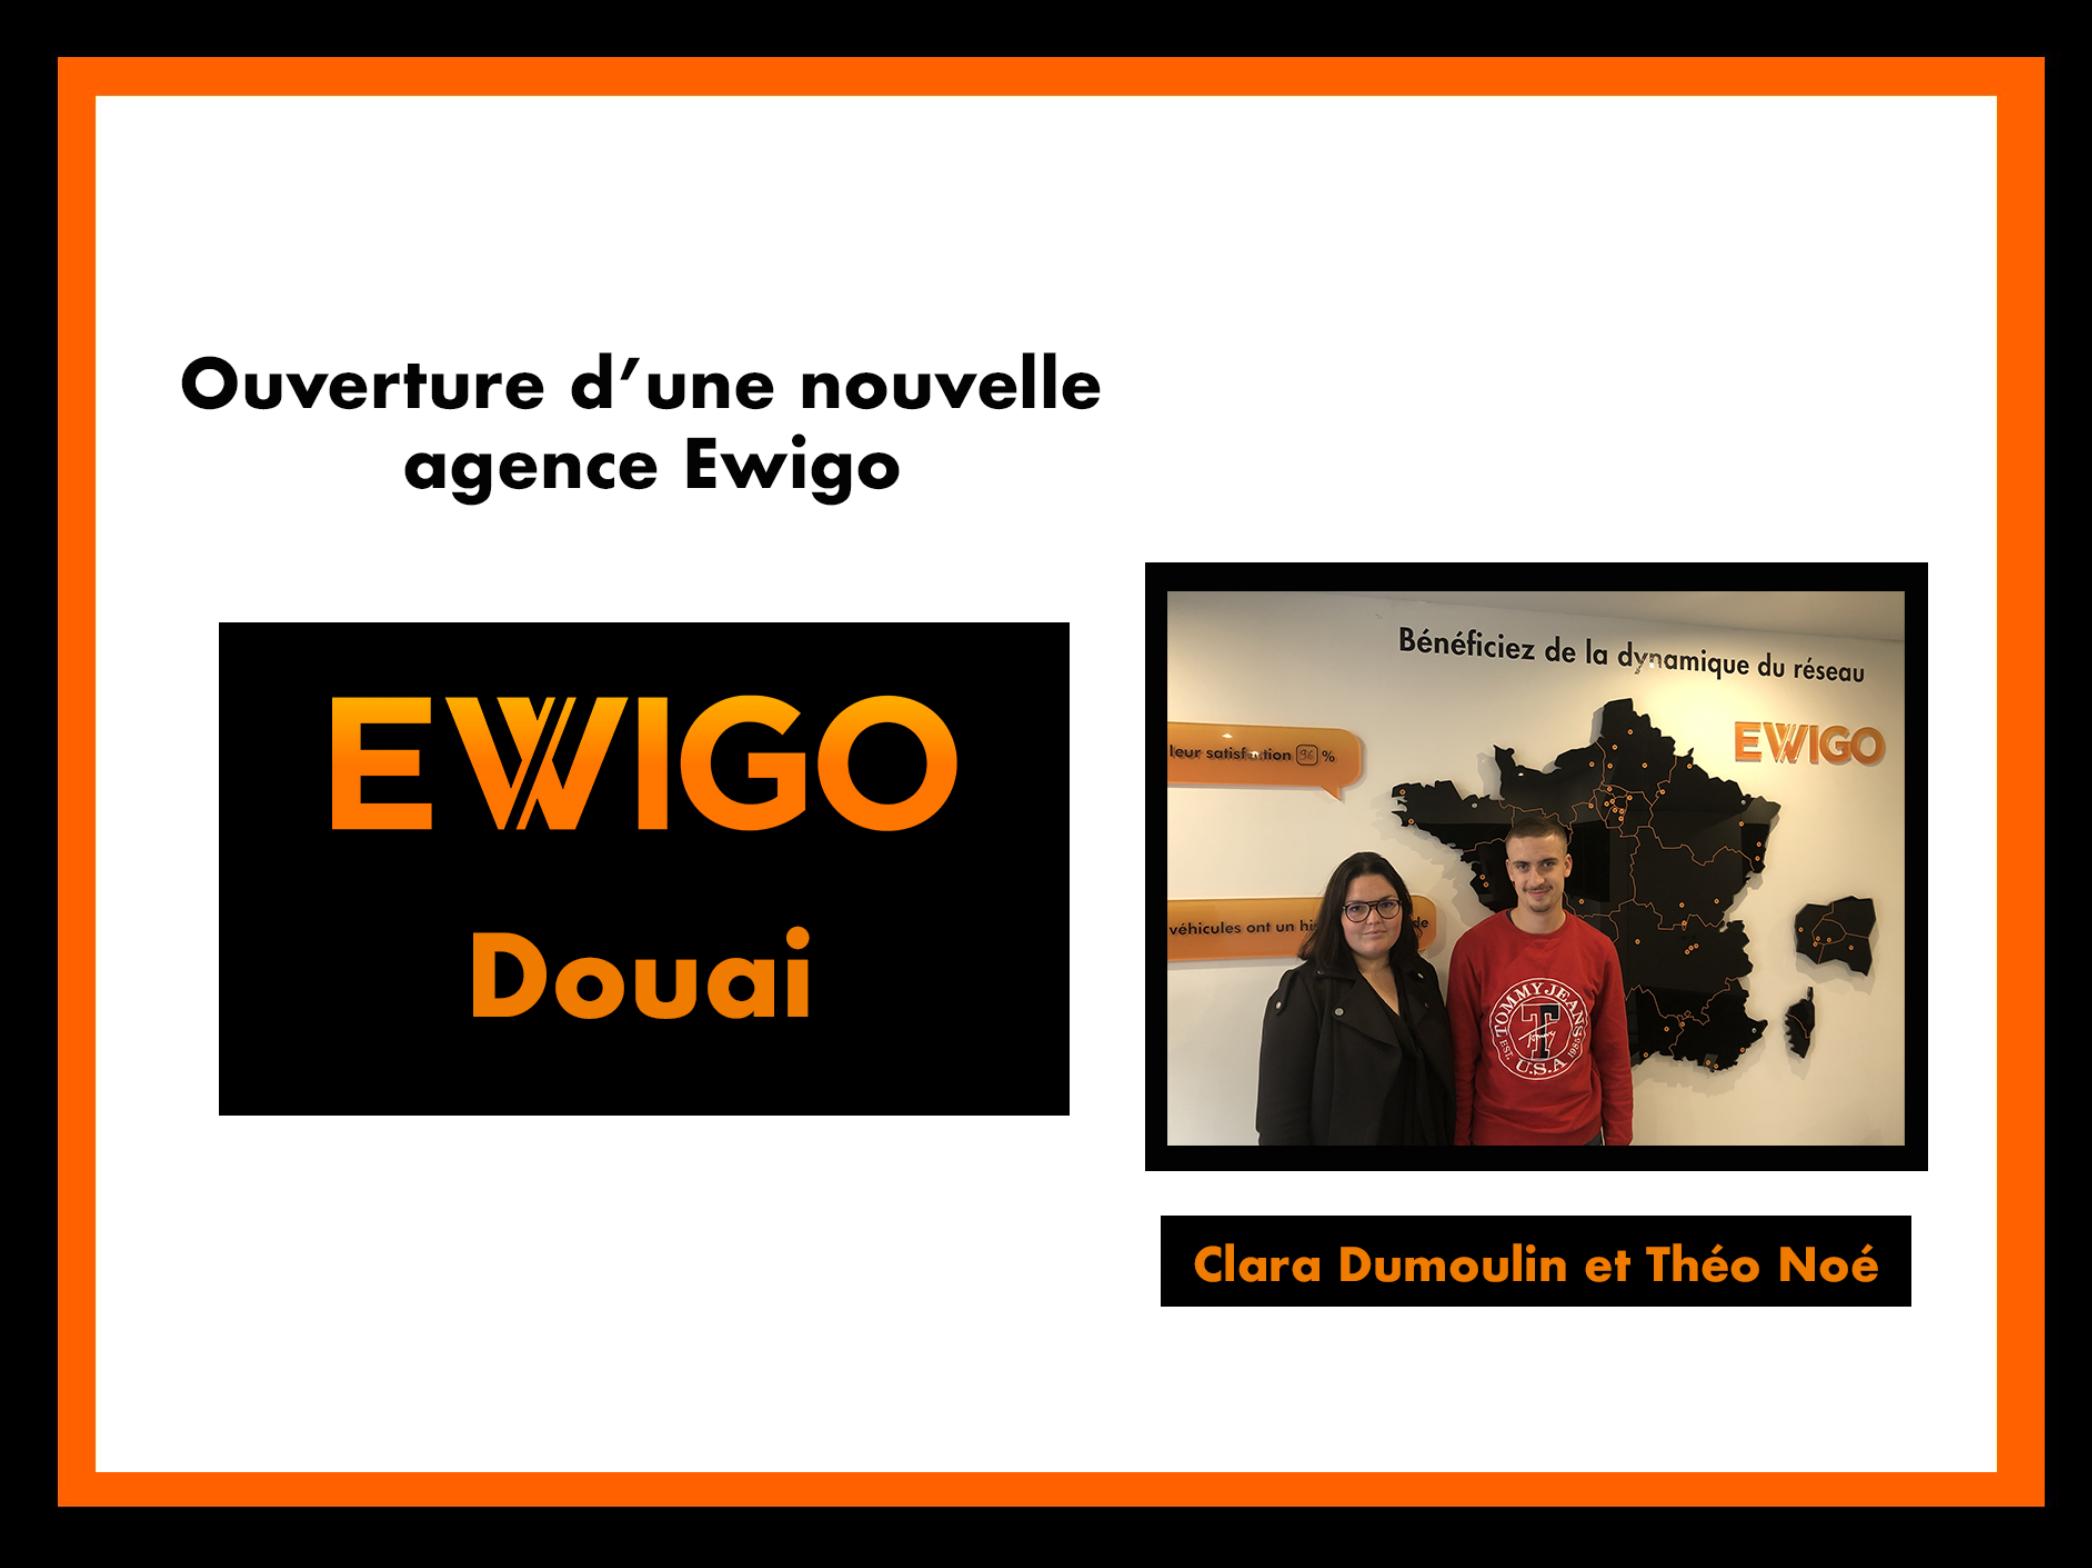 Ewigo ouvre ses portes à Douai